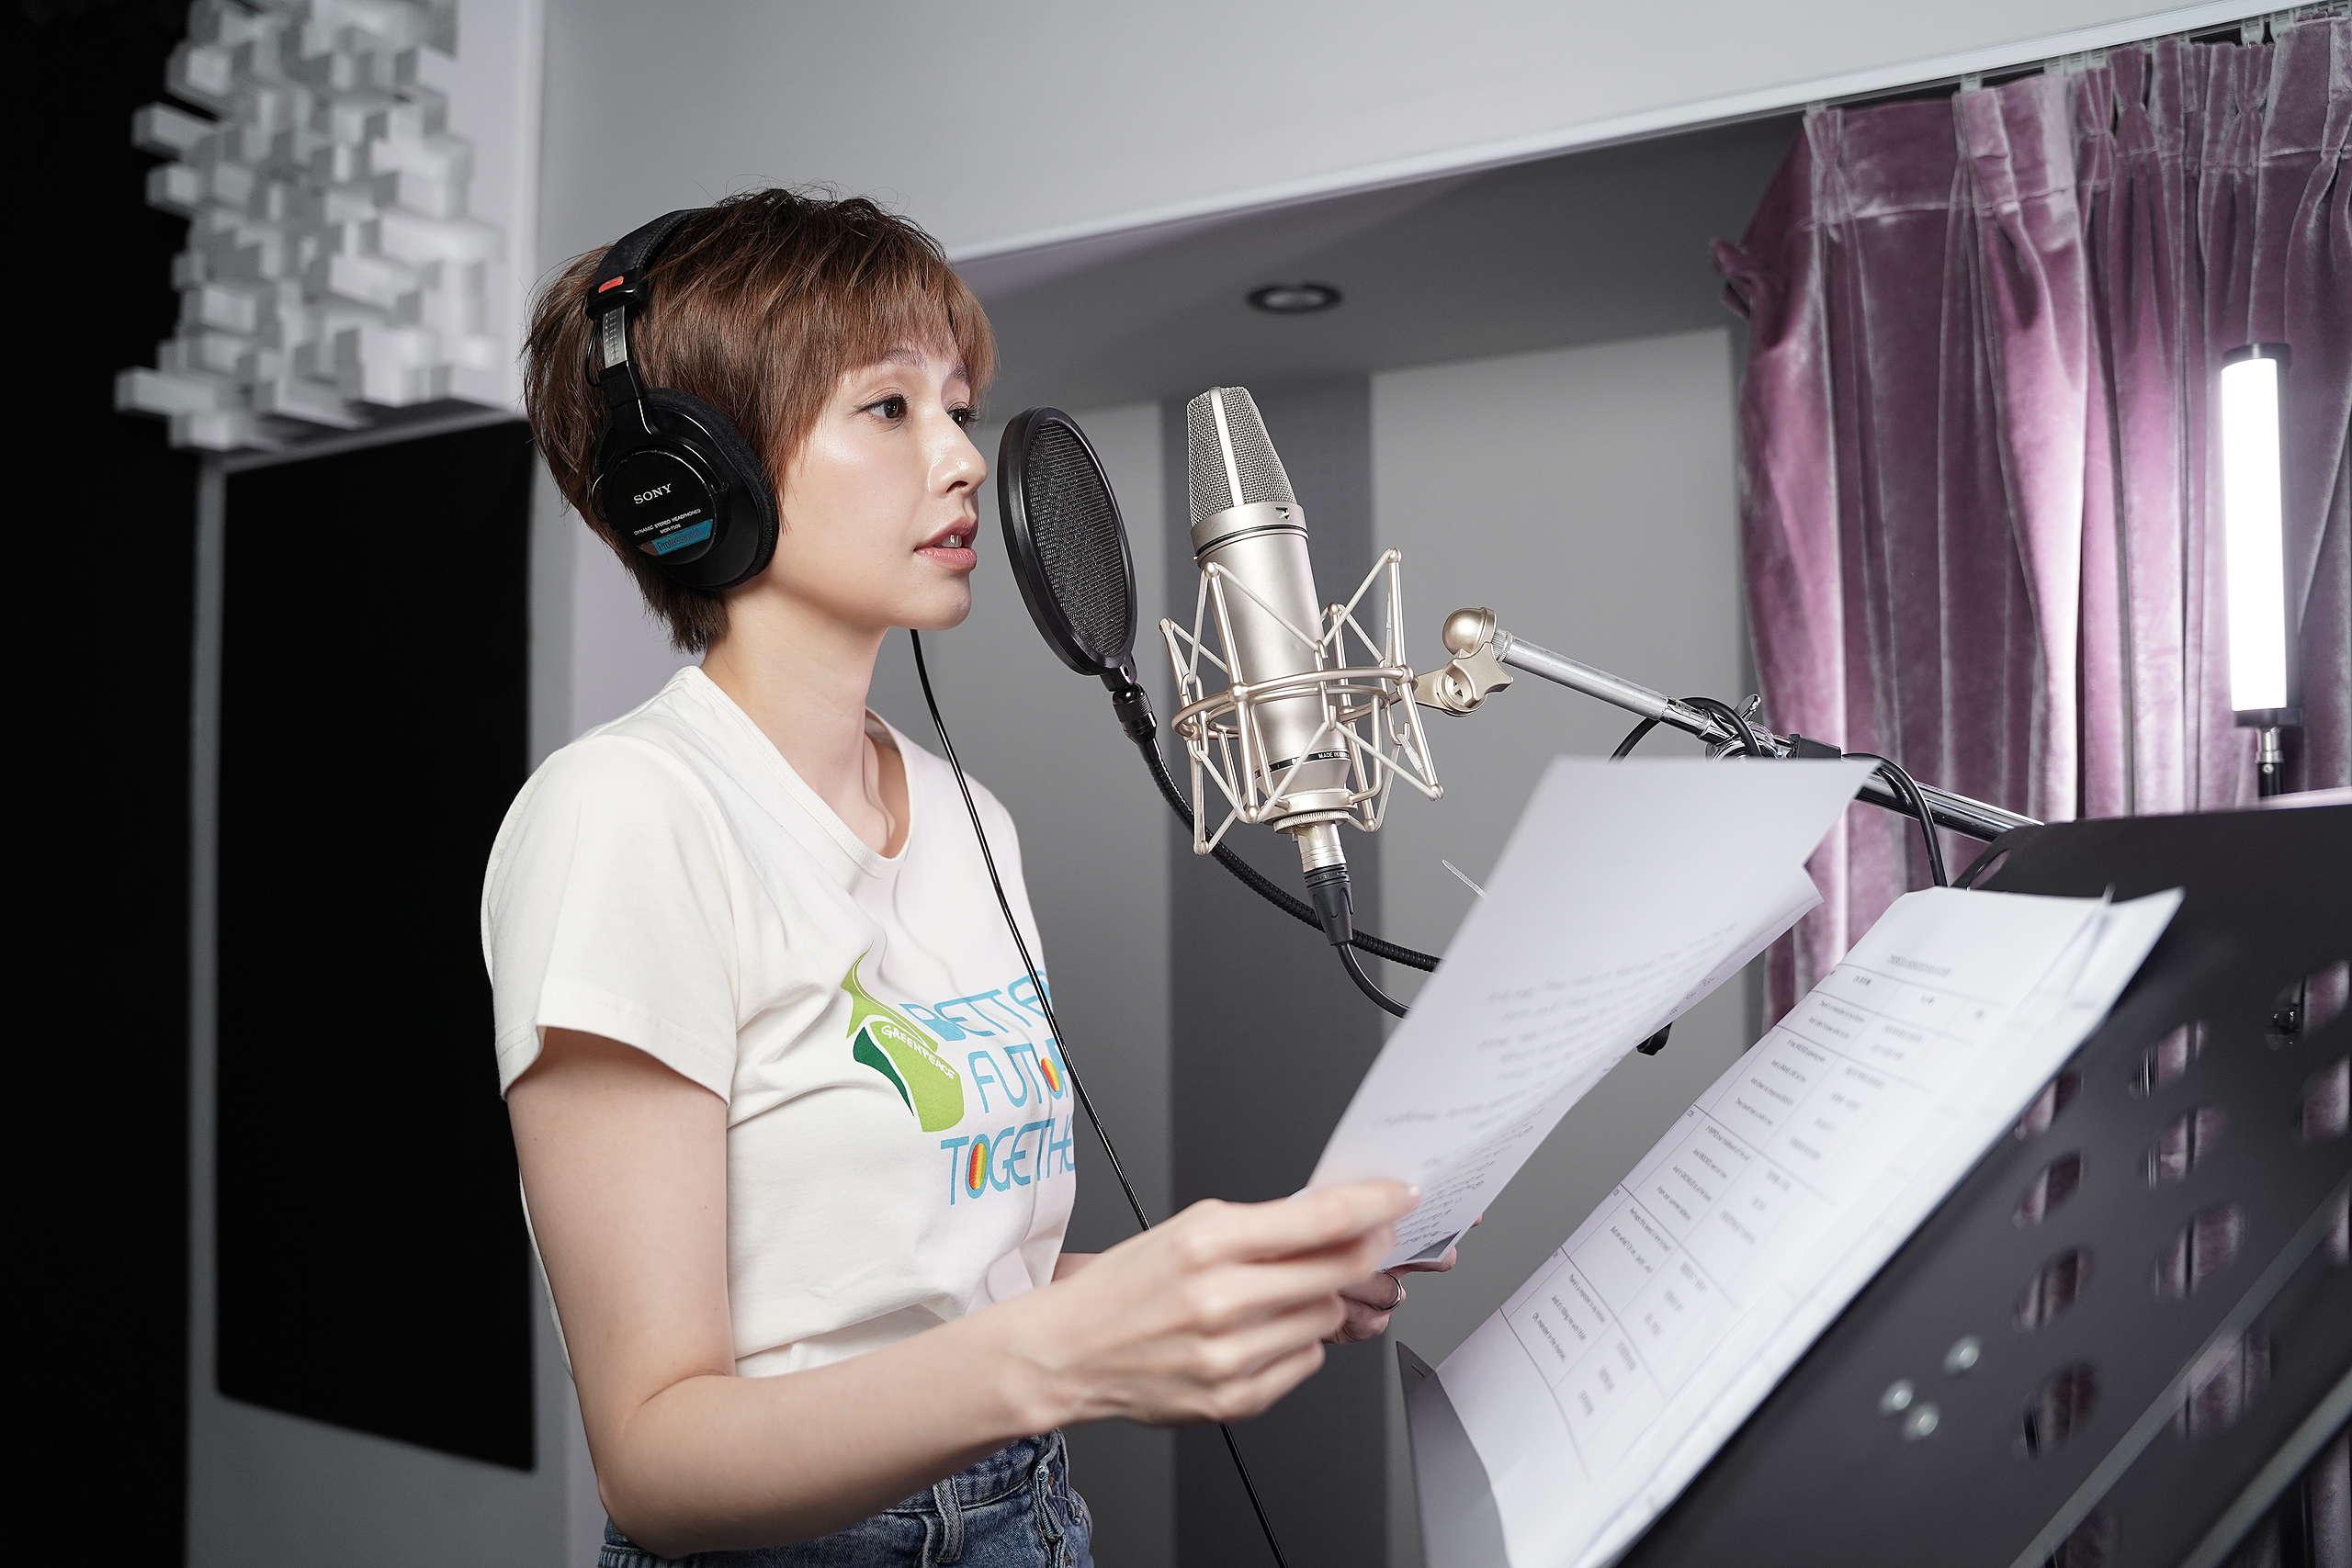 臺灣演員袁艾菲與綠色和平合作,為動畫短片配音,呼籲大眾關心亞馬遜森林專案。